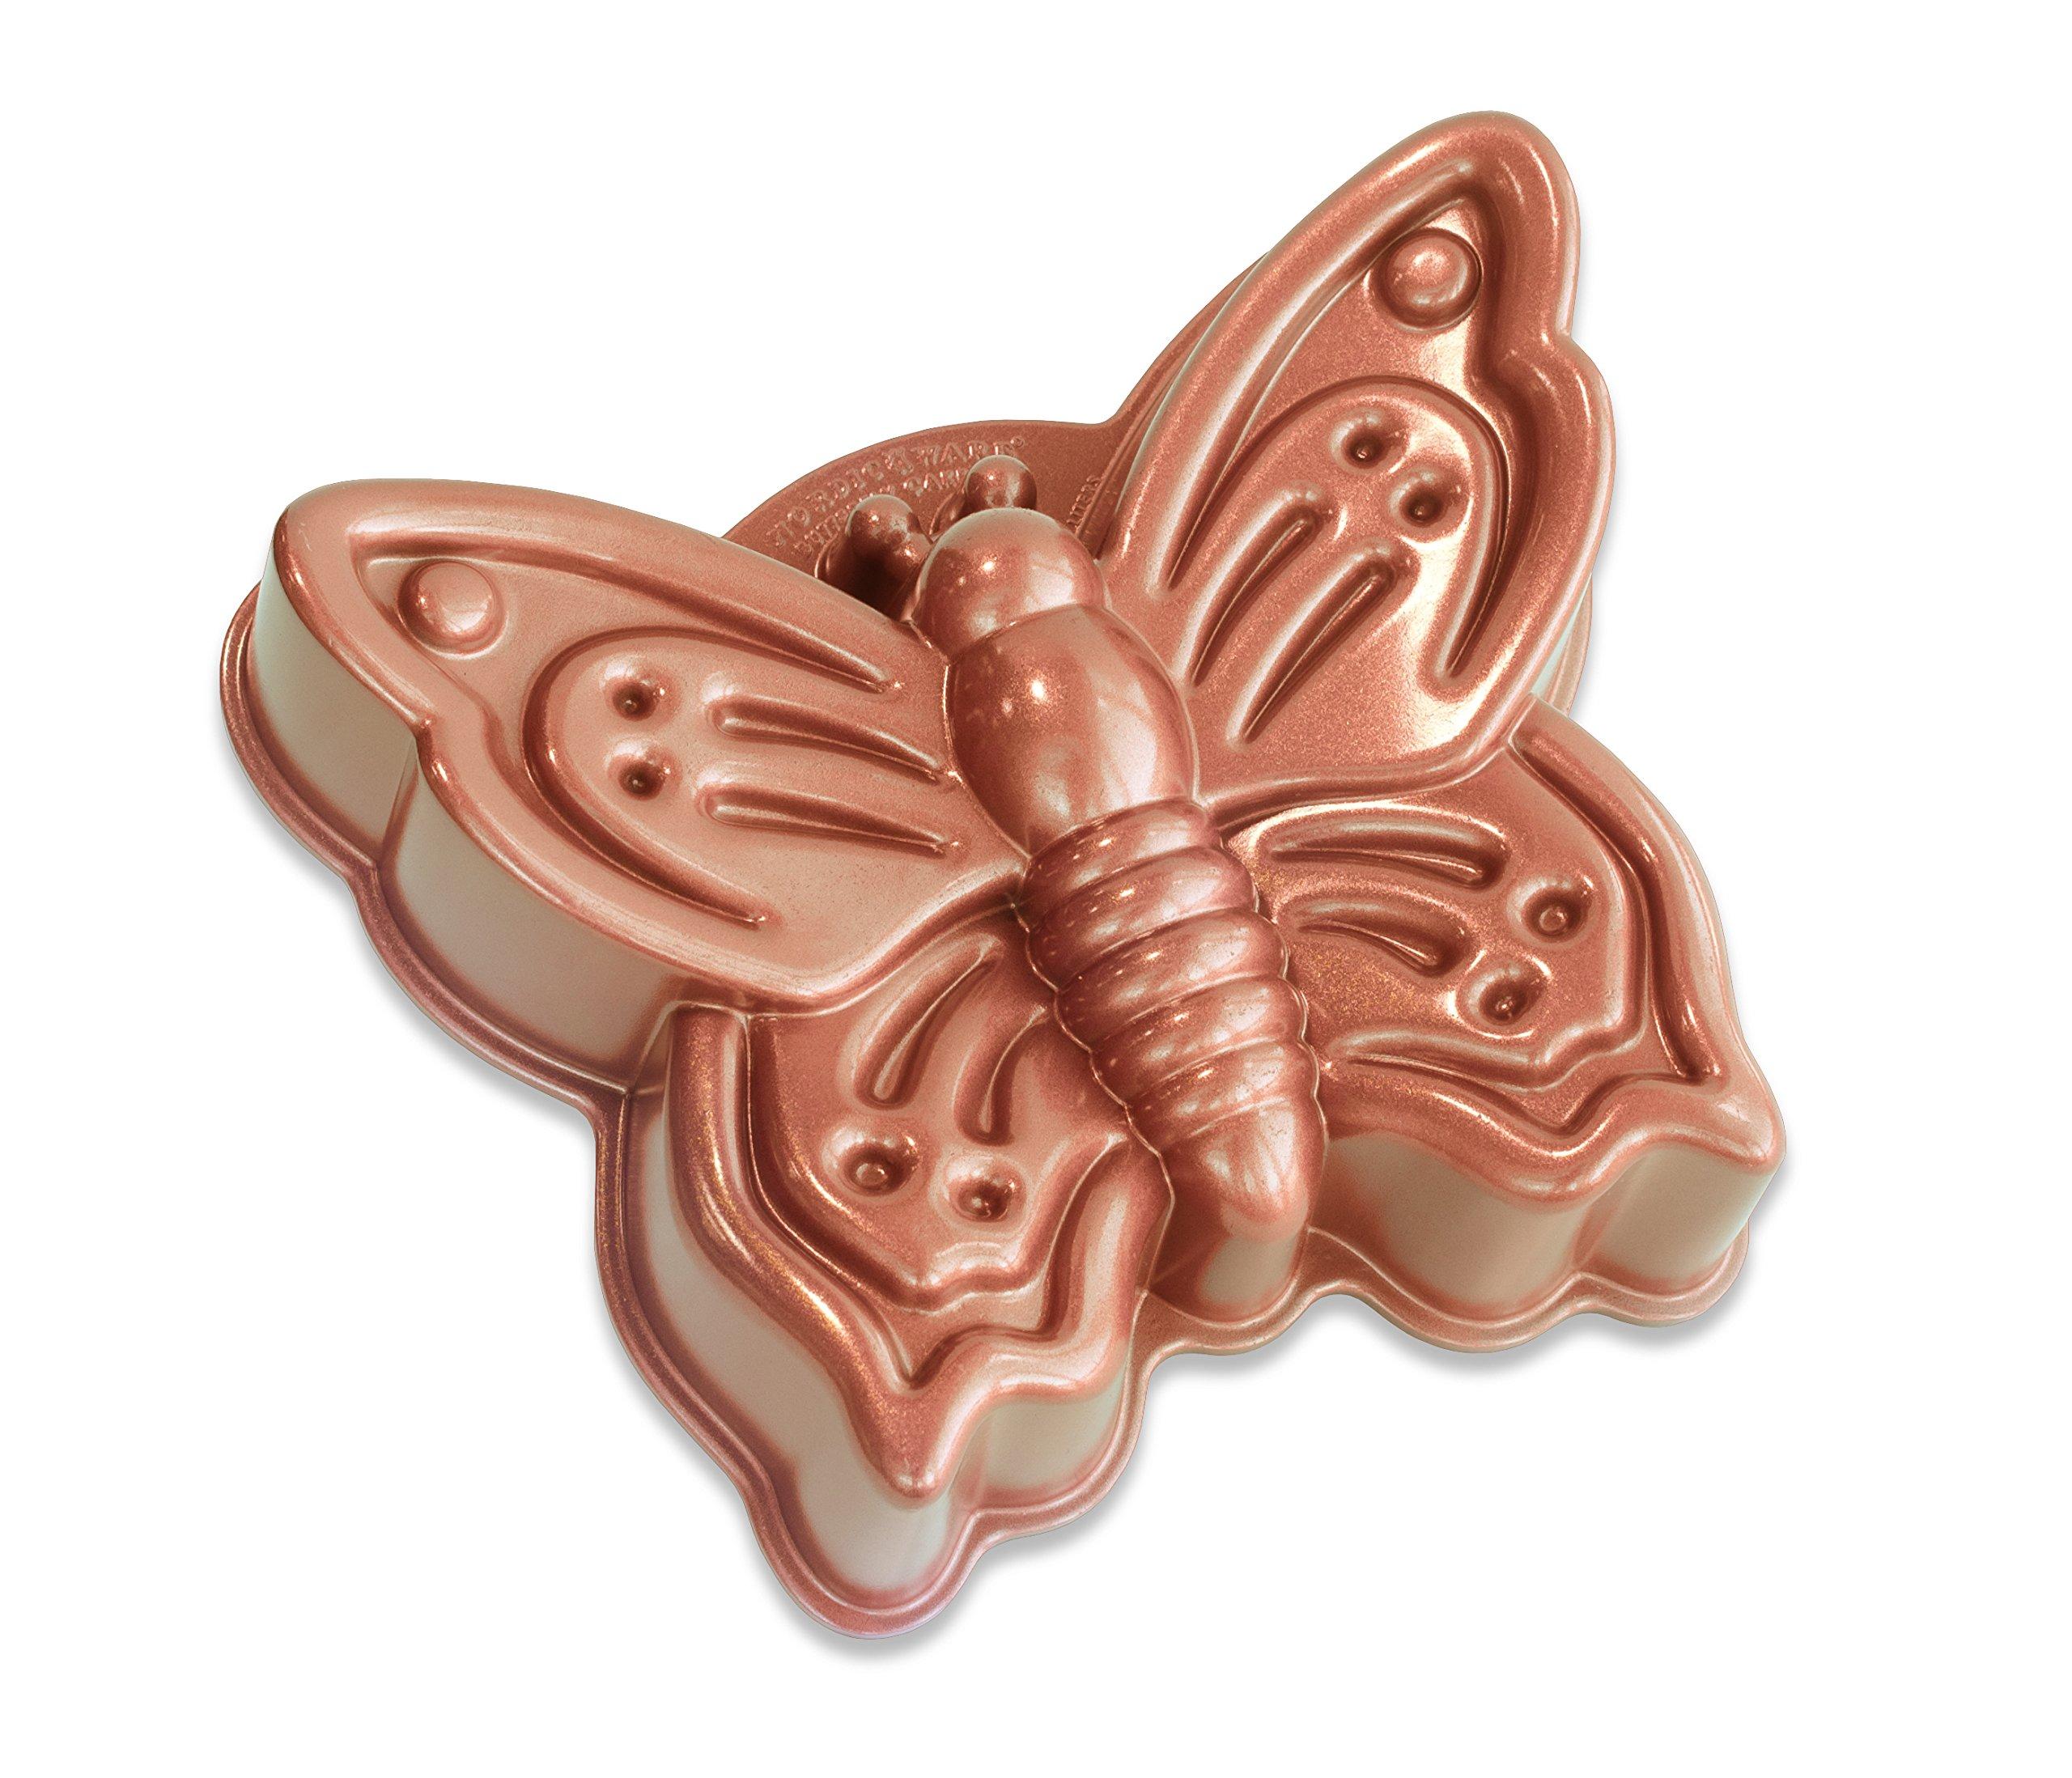 NordicWare 80248 - Stampo da cucina a forma di farfalla | CasaMe